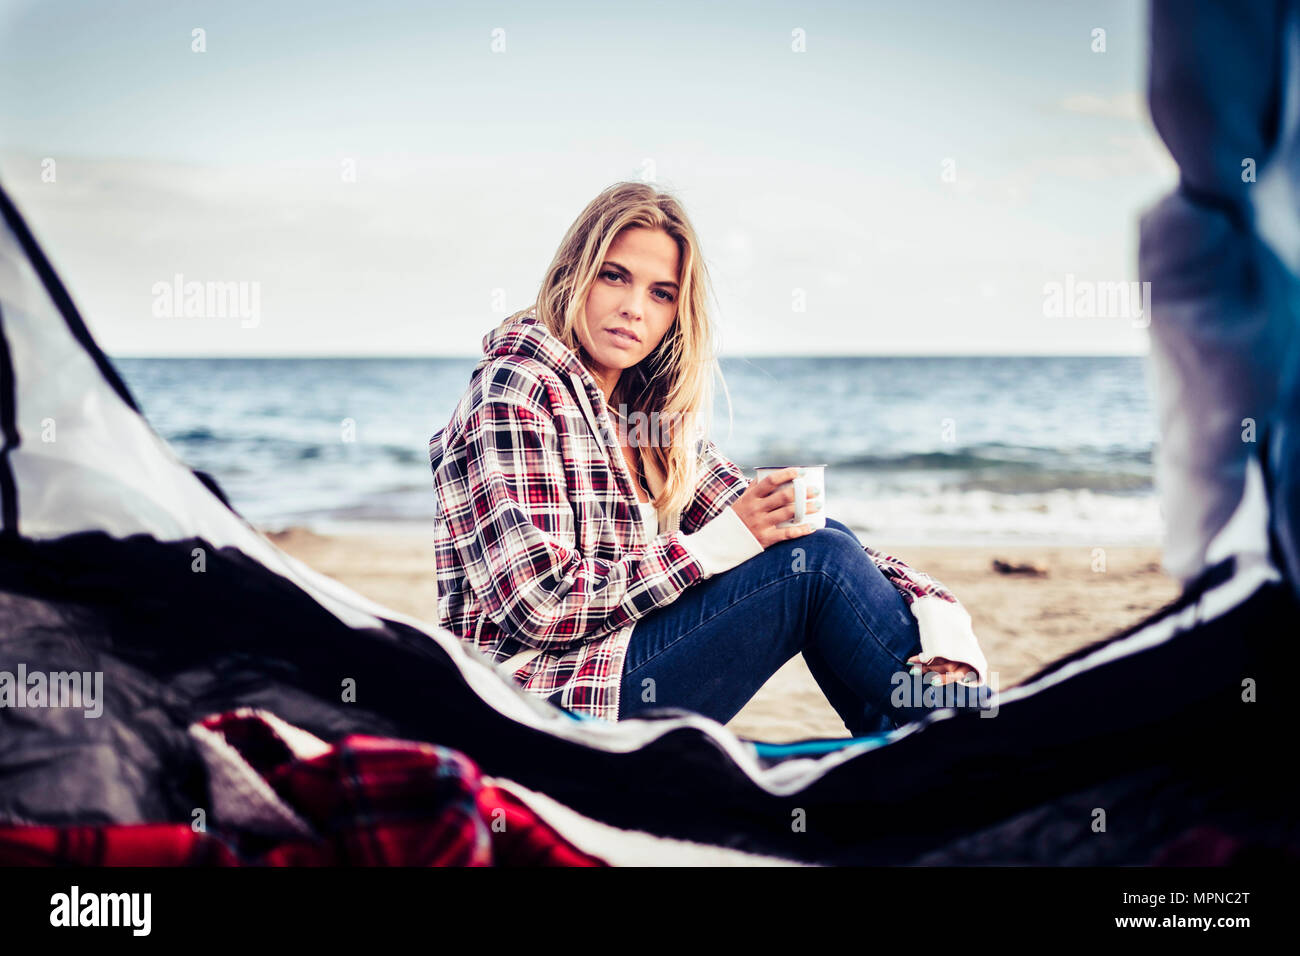 Vacances sauvages alternative sur la plage avec une tente pour une belle blonde en prenant une tasse de boisson chaude. Voir appareil photo et autres. Autre FRV Photo Stock